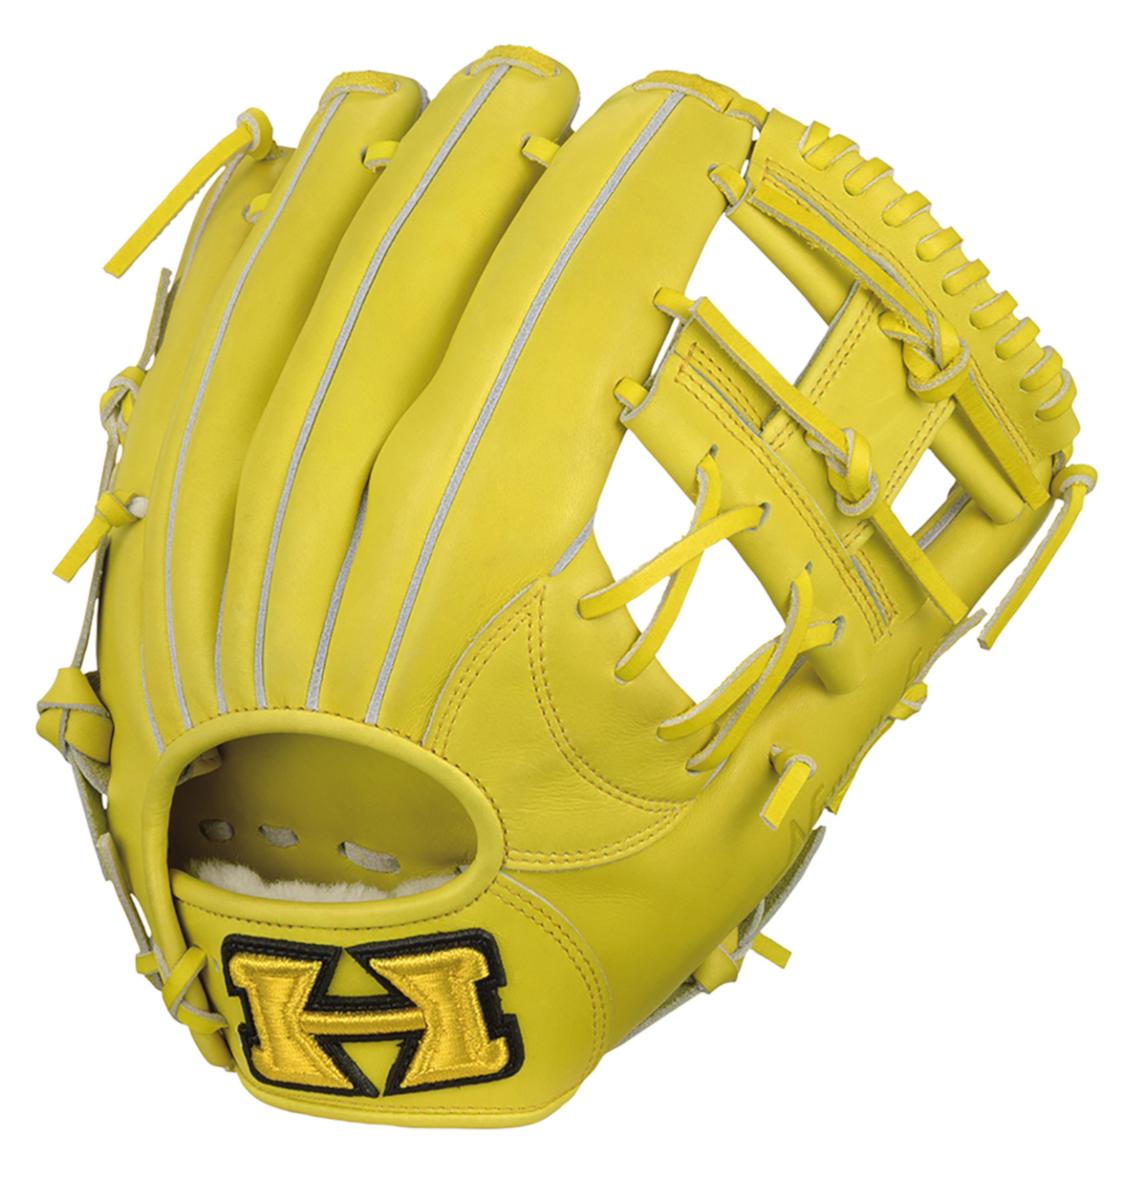 ハイゴールド 少年硬式野球グラブRookies(ルーキーズ) L-LLサイズ グローブ ナチュラルイエロー RKG-K501